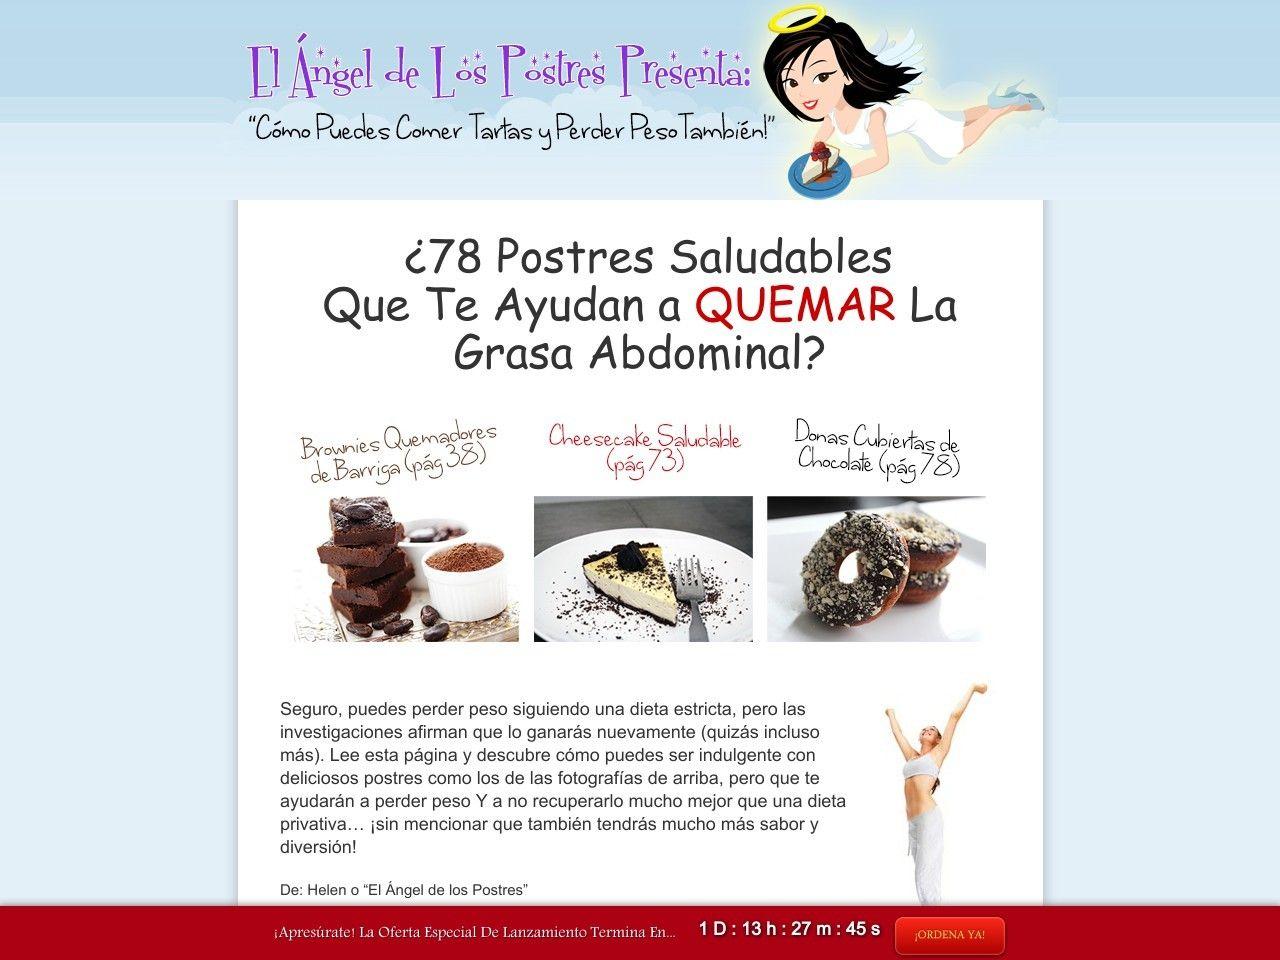 ① El Angel De Los Postres - Recetas De Postres Quema Grasa! - http://www.vnulab.be/lab-review/%e2%91%a0-el-angel-de-los-postres-recetas-de-postres-quema-grasa